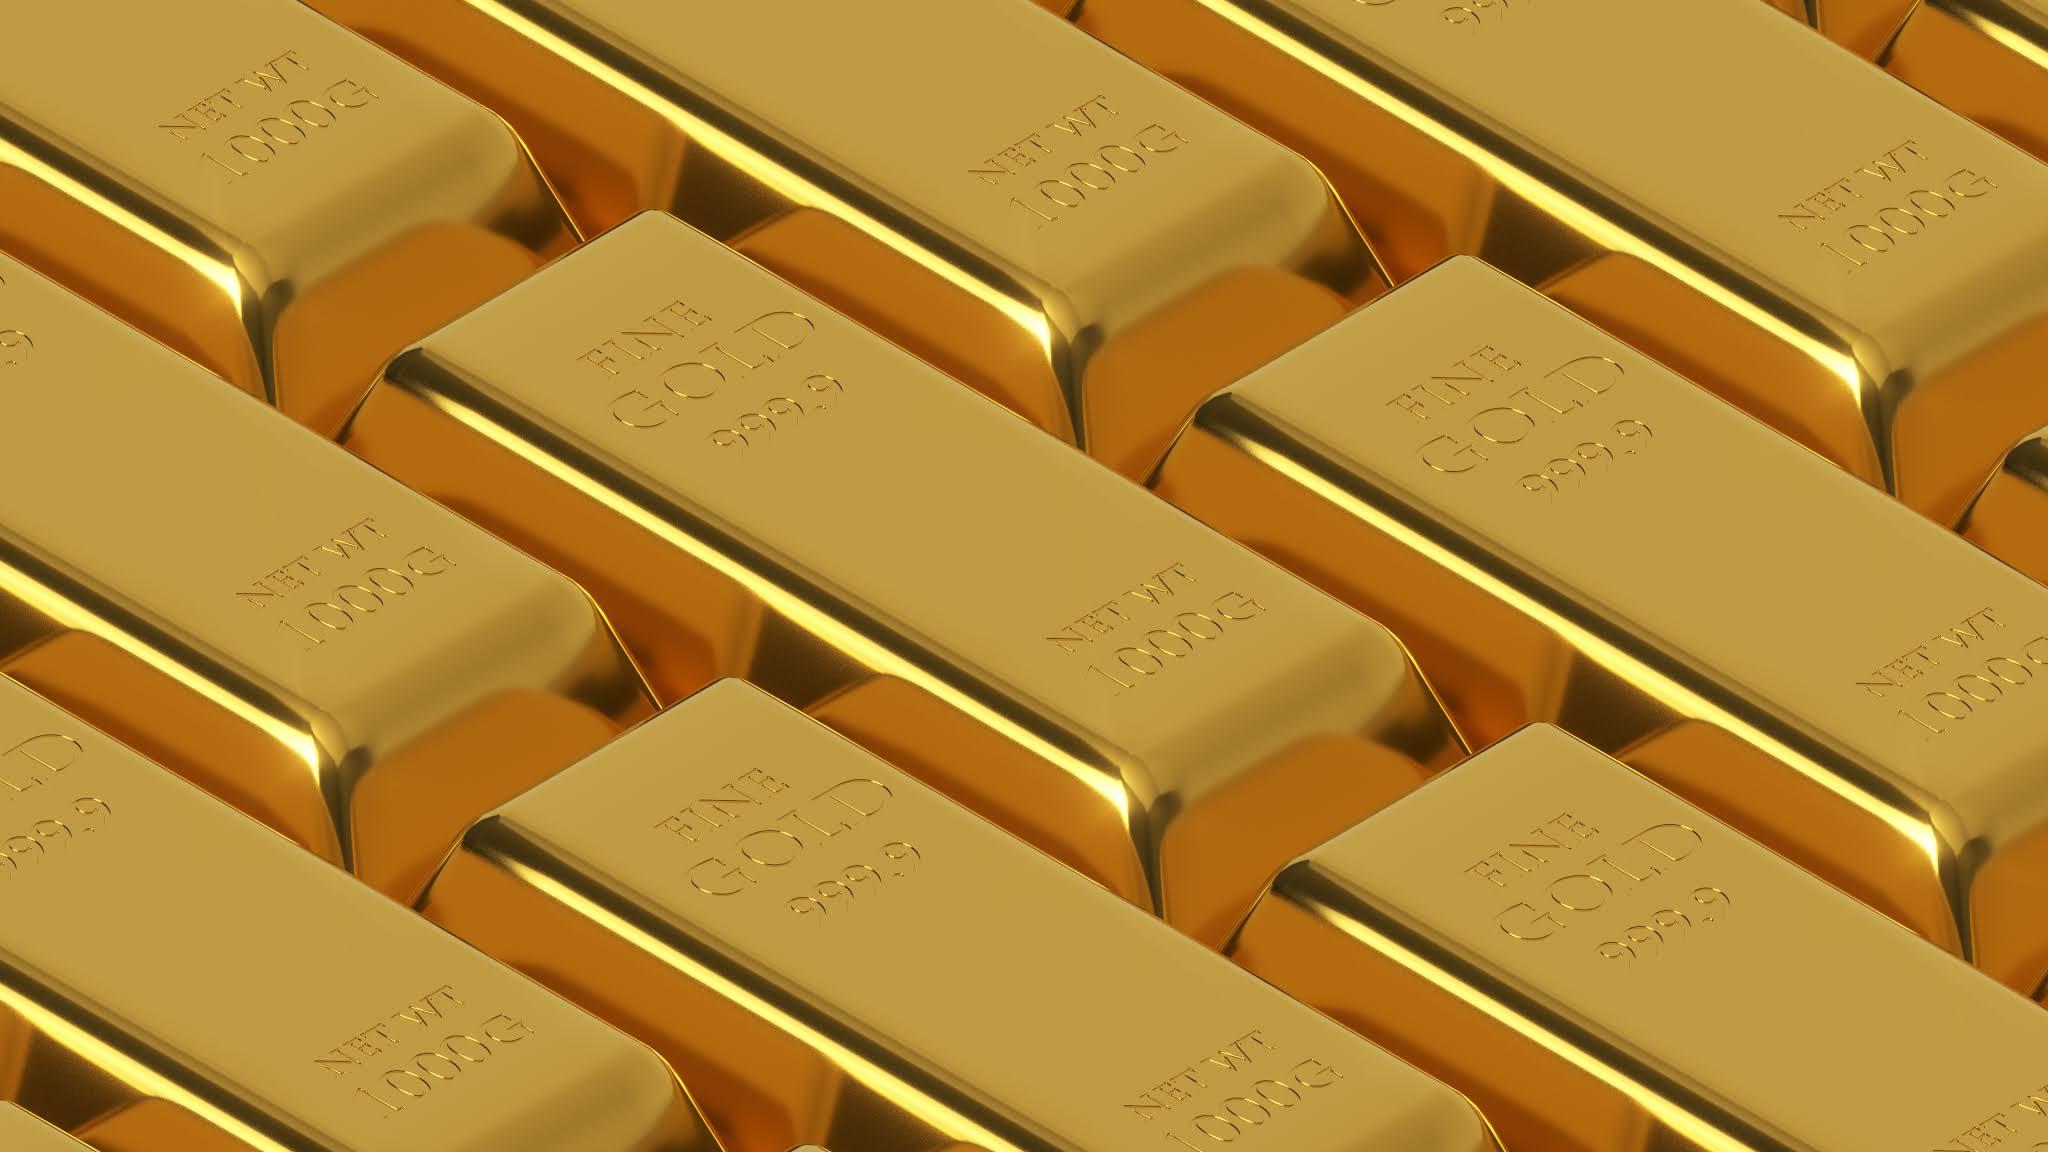 إنتاج السودان الرسمي من الذهب gold يتضاعف في النصف الأول